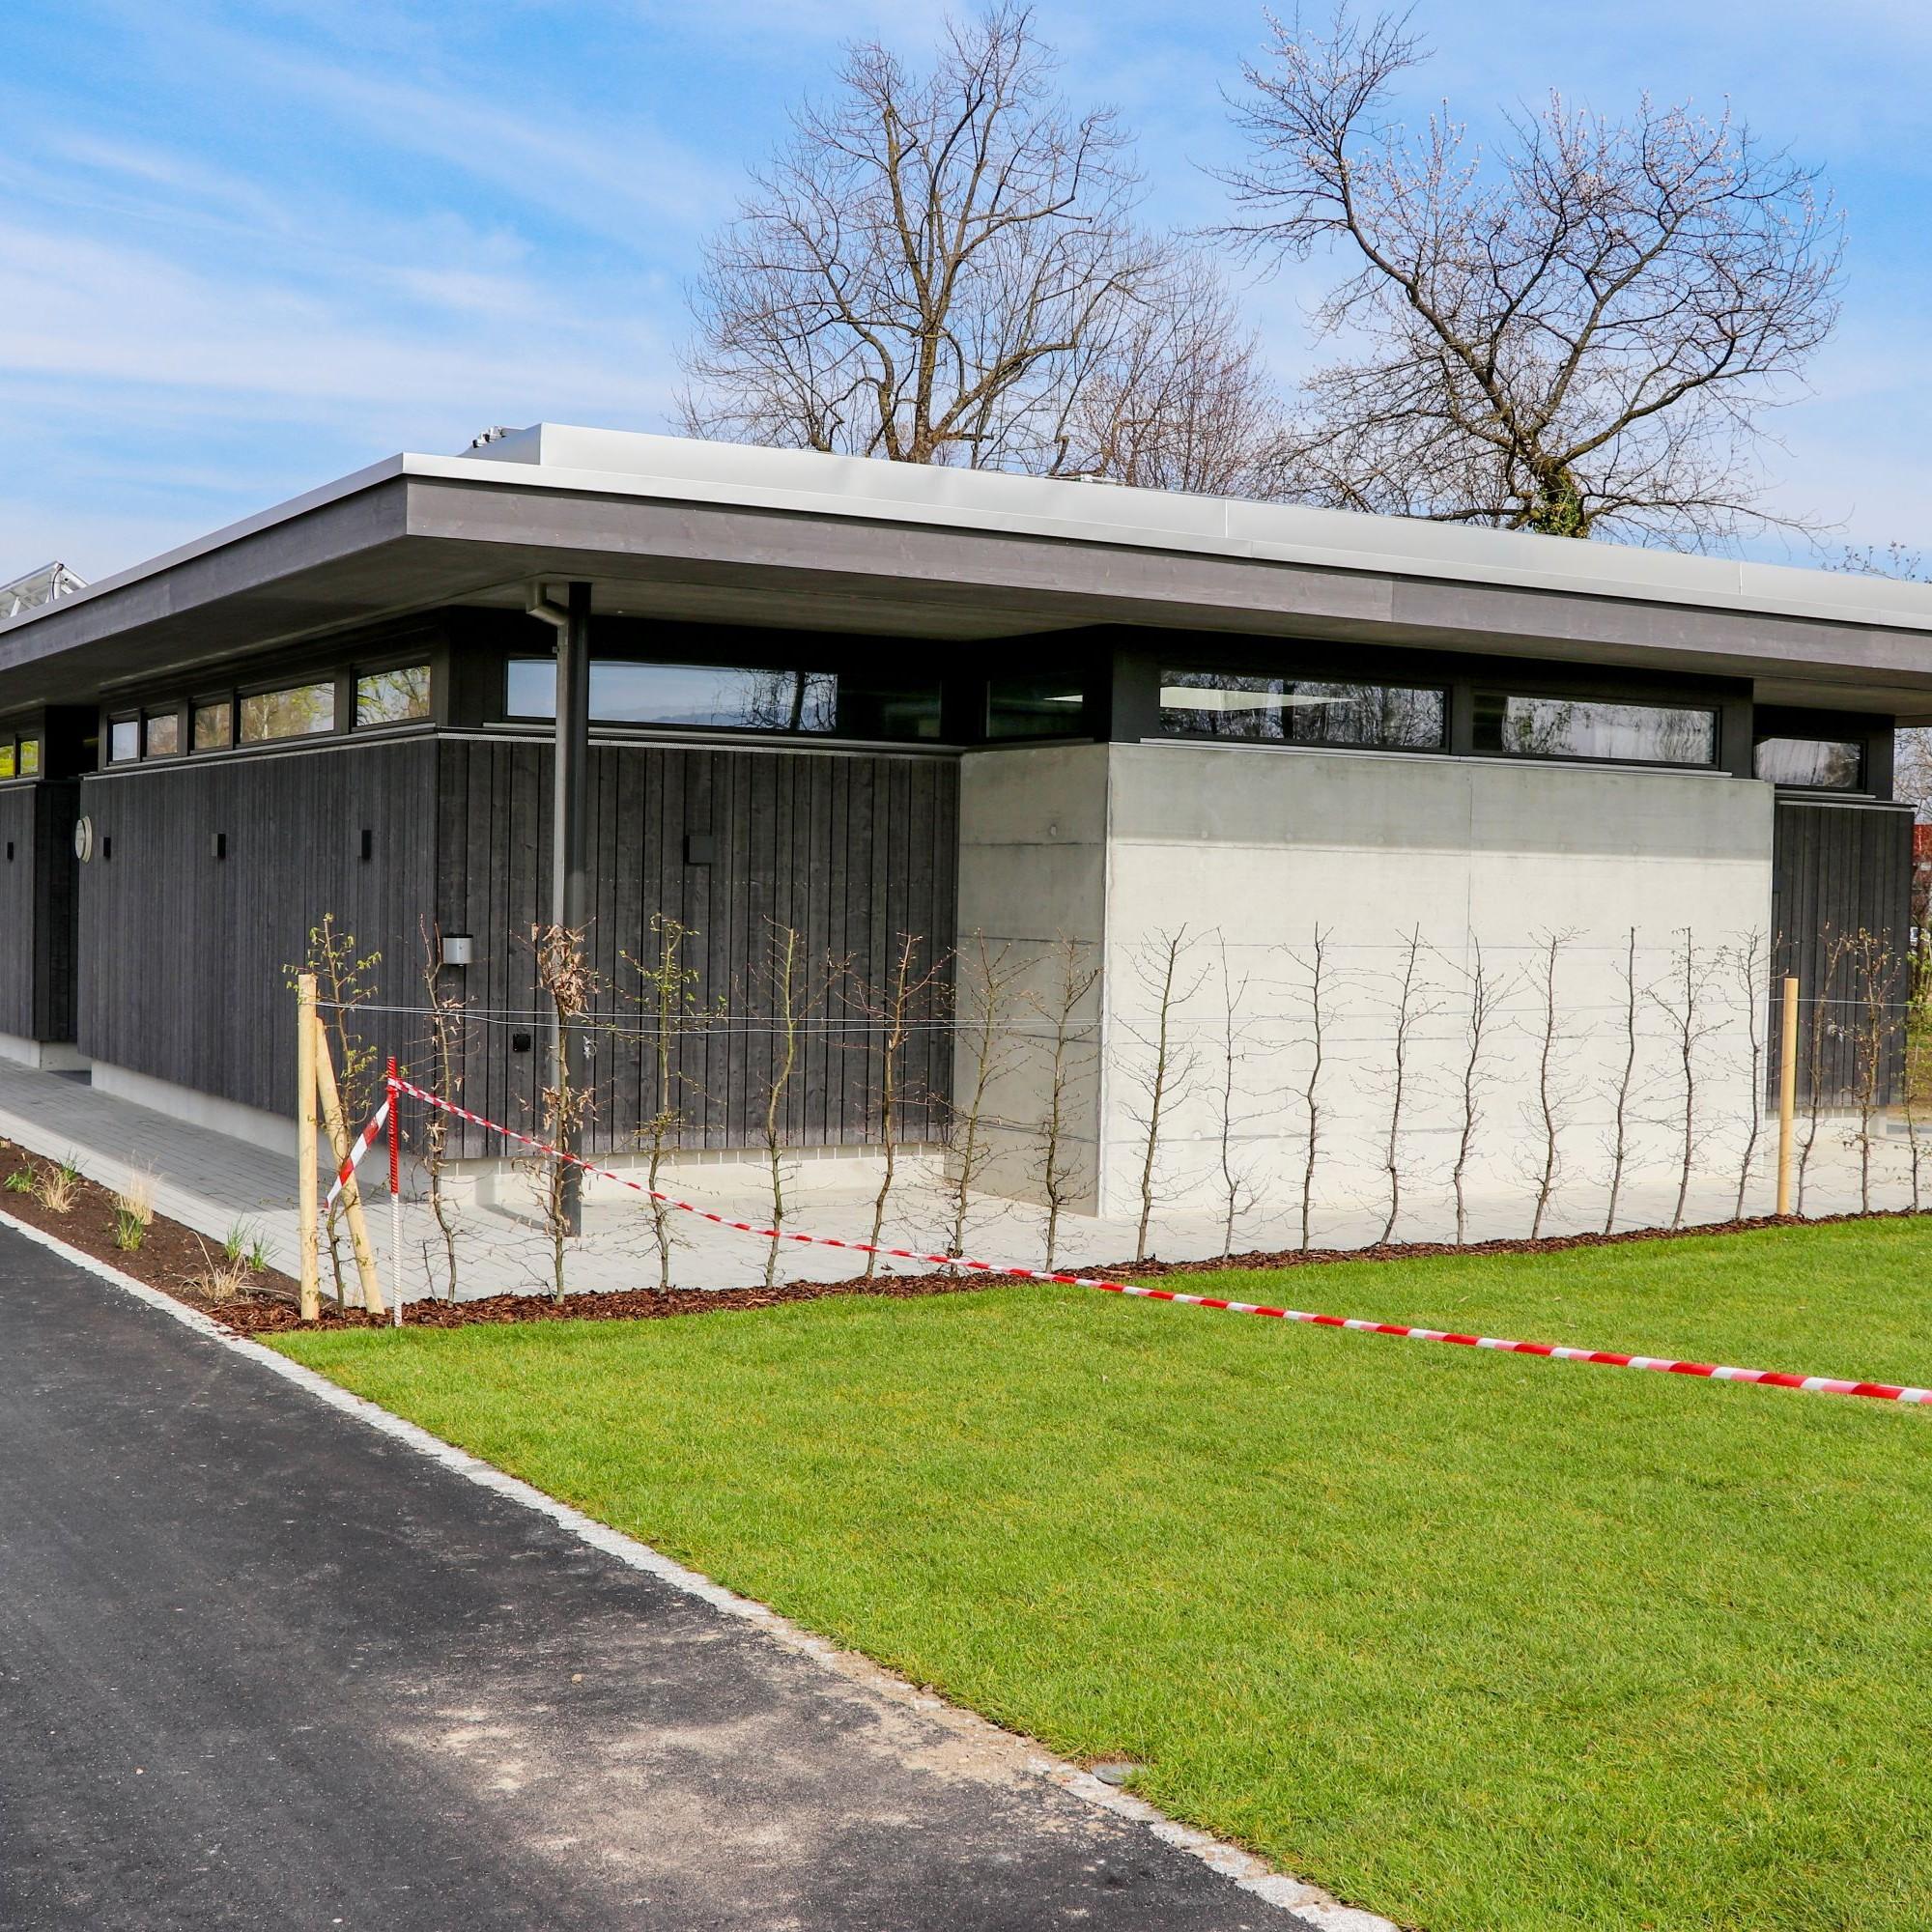 Der fast sakral wirkende Pavillon steht direkt beim Chogebach.